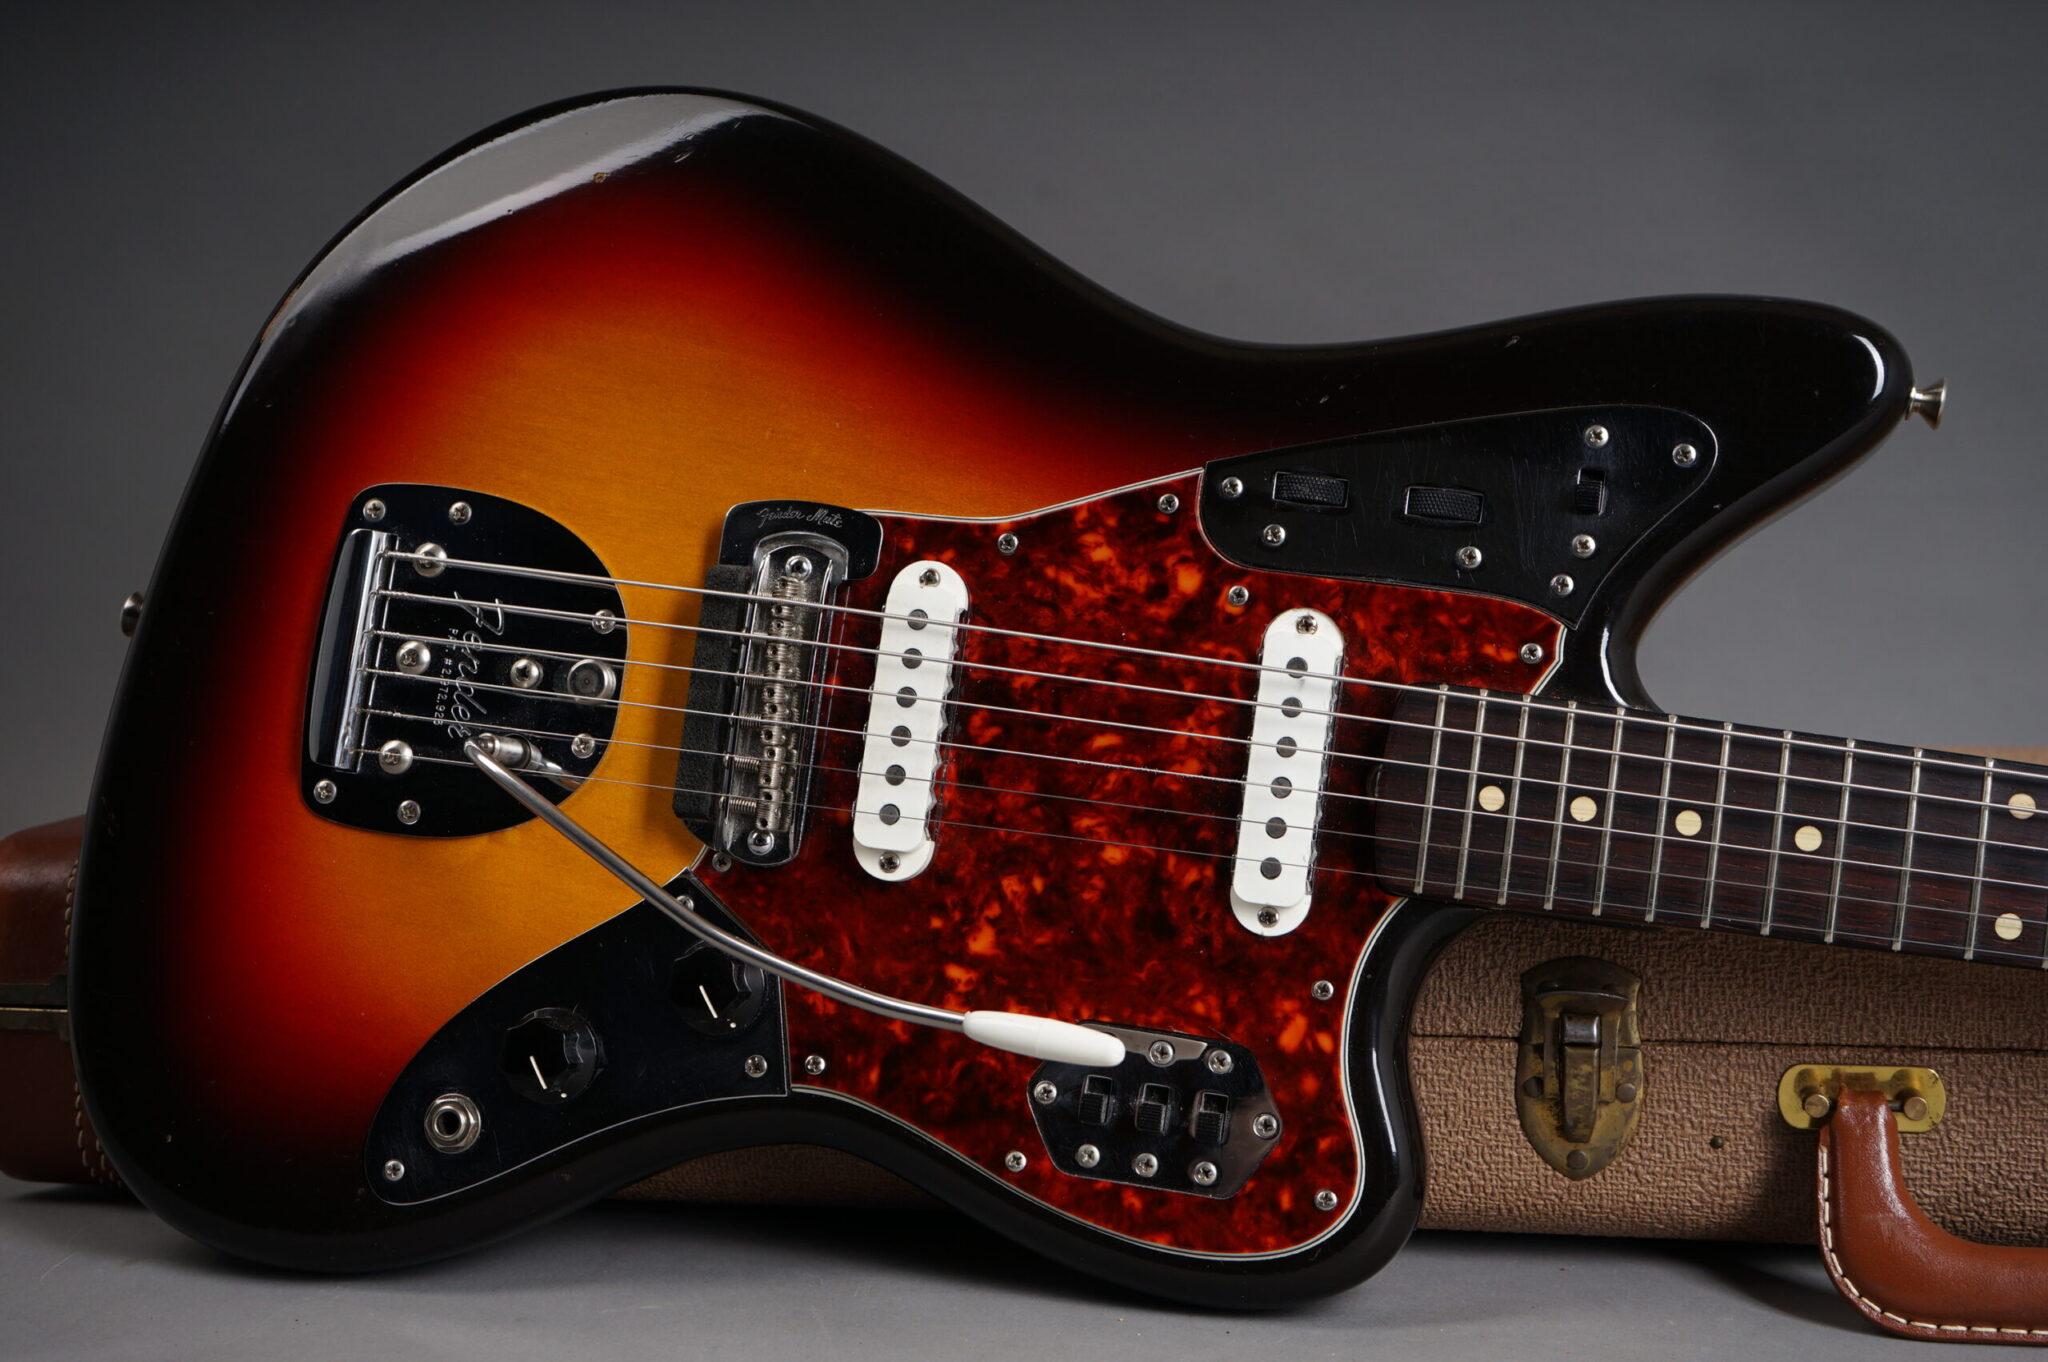 https://guitarpoint.de/app/uploads/products/1962-fender-jaguar-sunburst/1962-Fender-Jaguar-Sunburst-82778-9-scaled-2048x1362.jpg